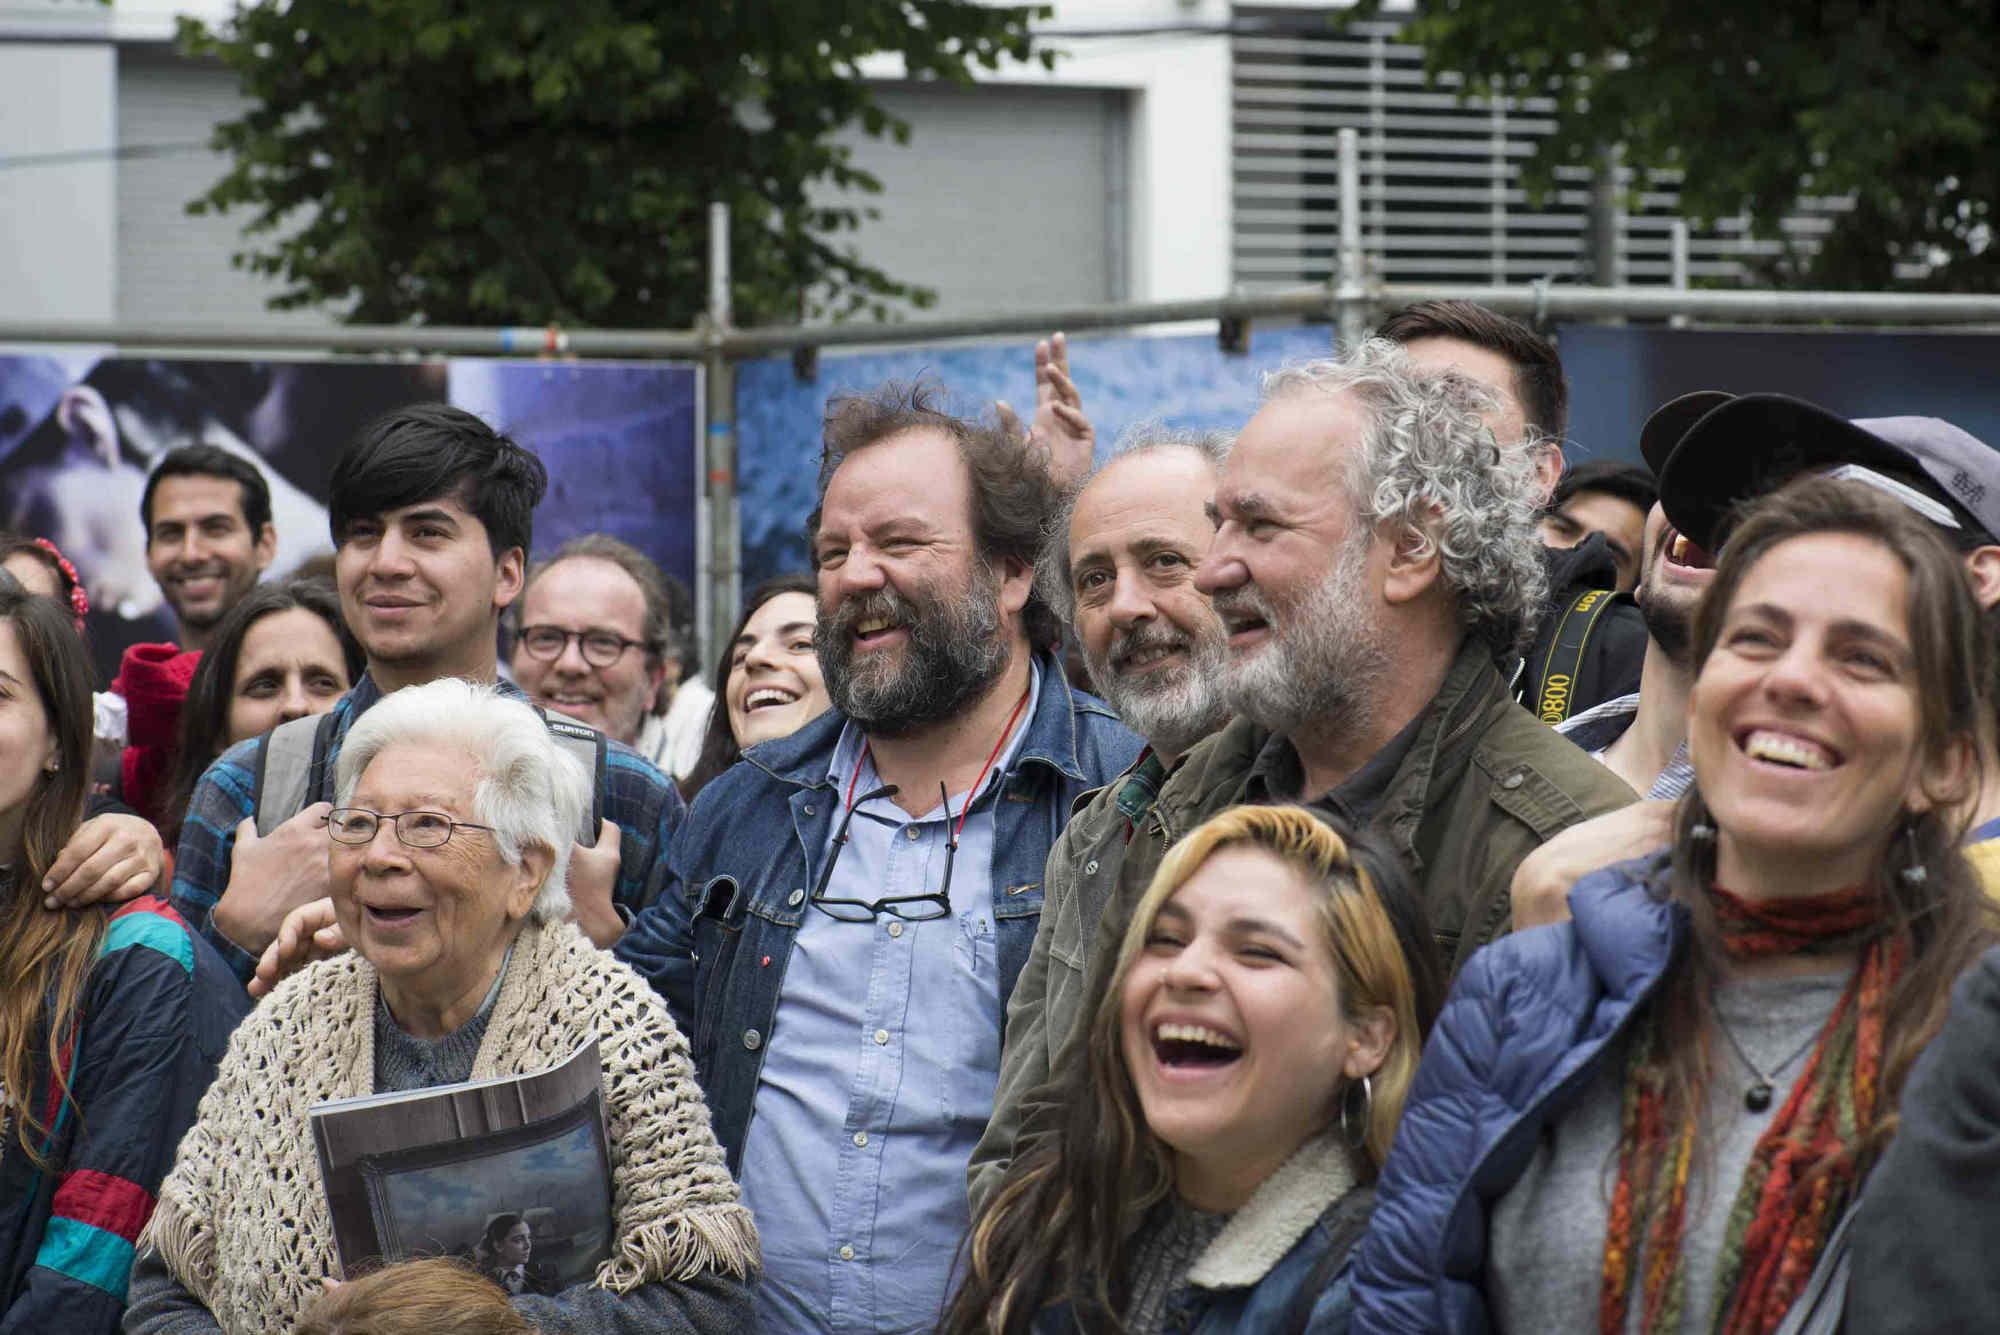 (centro de izq. a der.) Rodrigo Gomez Rovira, Dario Coletti y Miguel A. Larrea participan de la inauguación de la exposición de los workshops y Brigadistas en la 7ª edición del Festival Internacional de Fotografía en Valparaíso, FIFV 2016. ©Ignacio Lamas